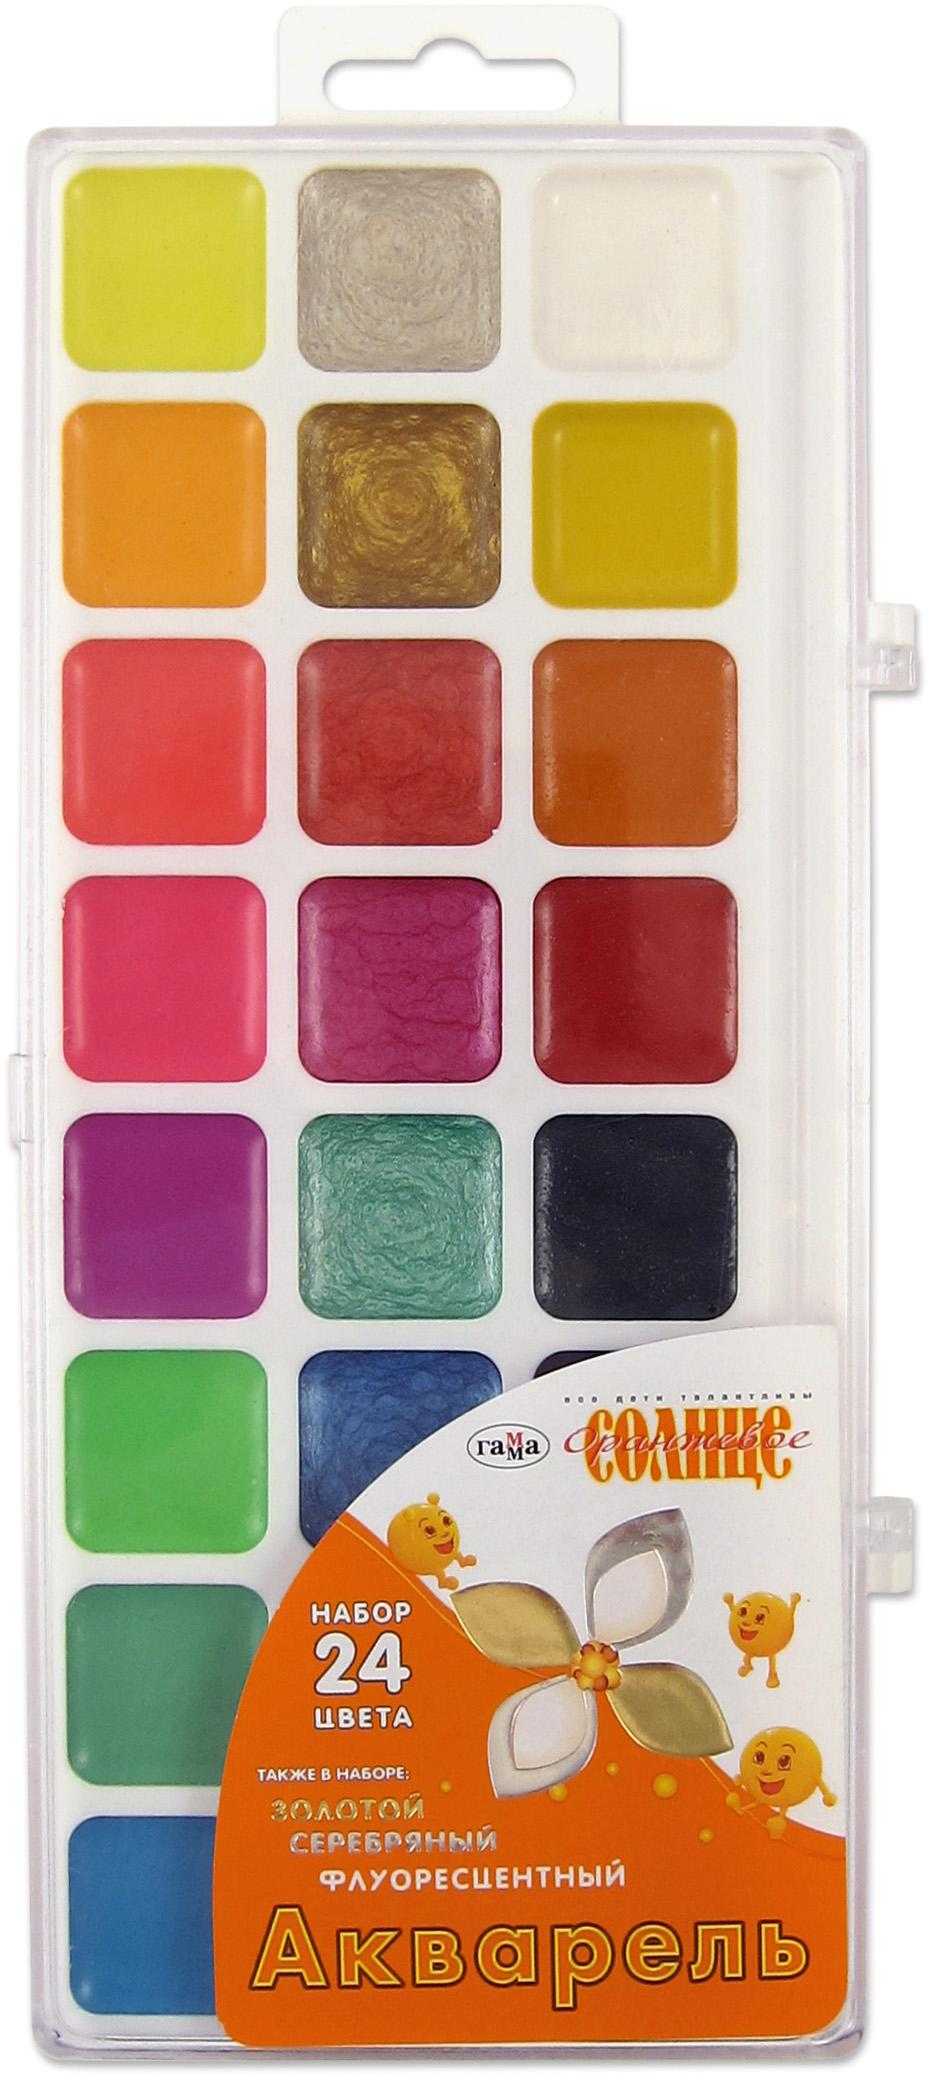 Краски акварельные 24 цвета